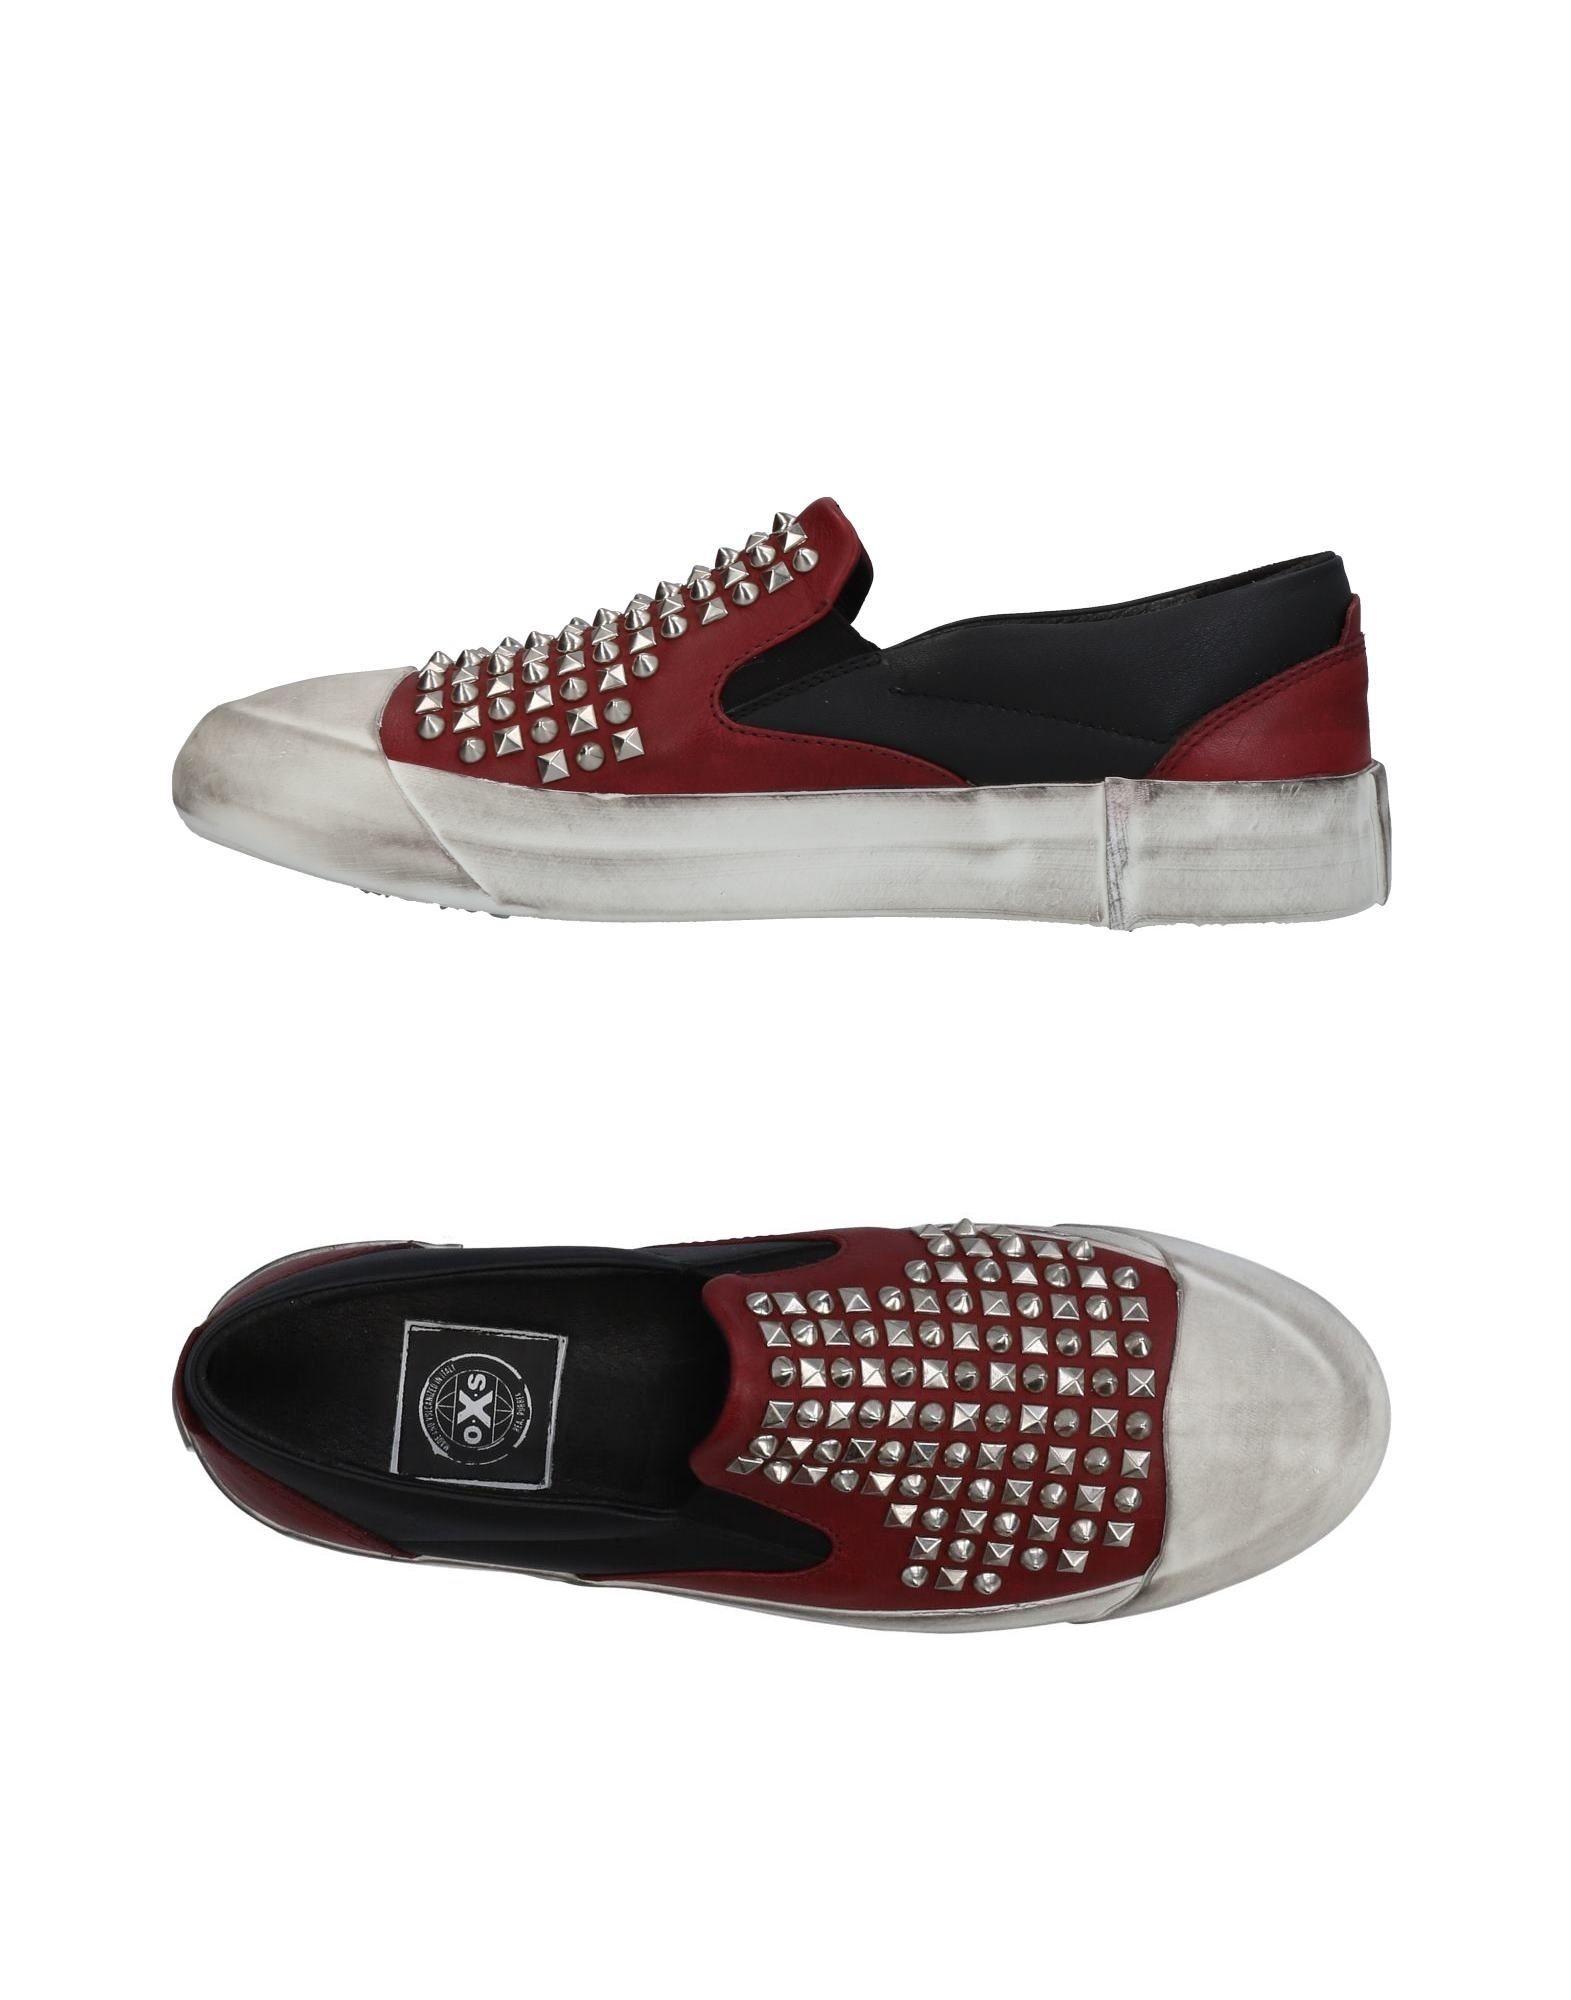 Scarpe economiche e resistenti Sneakers O.X.S. Donna - 11456641TE